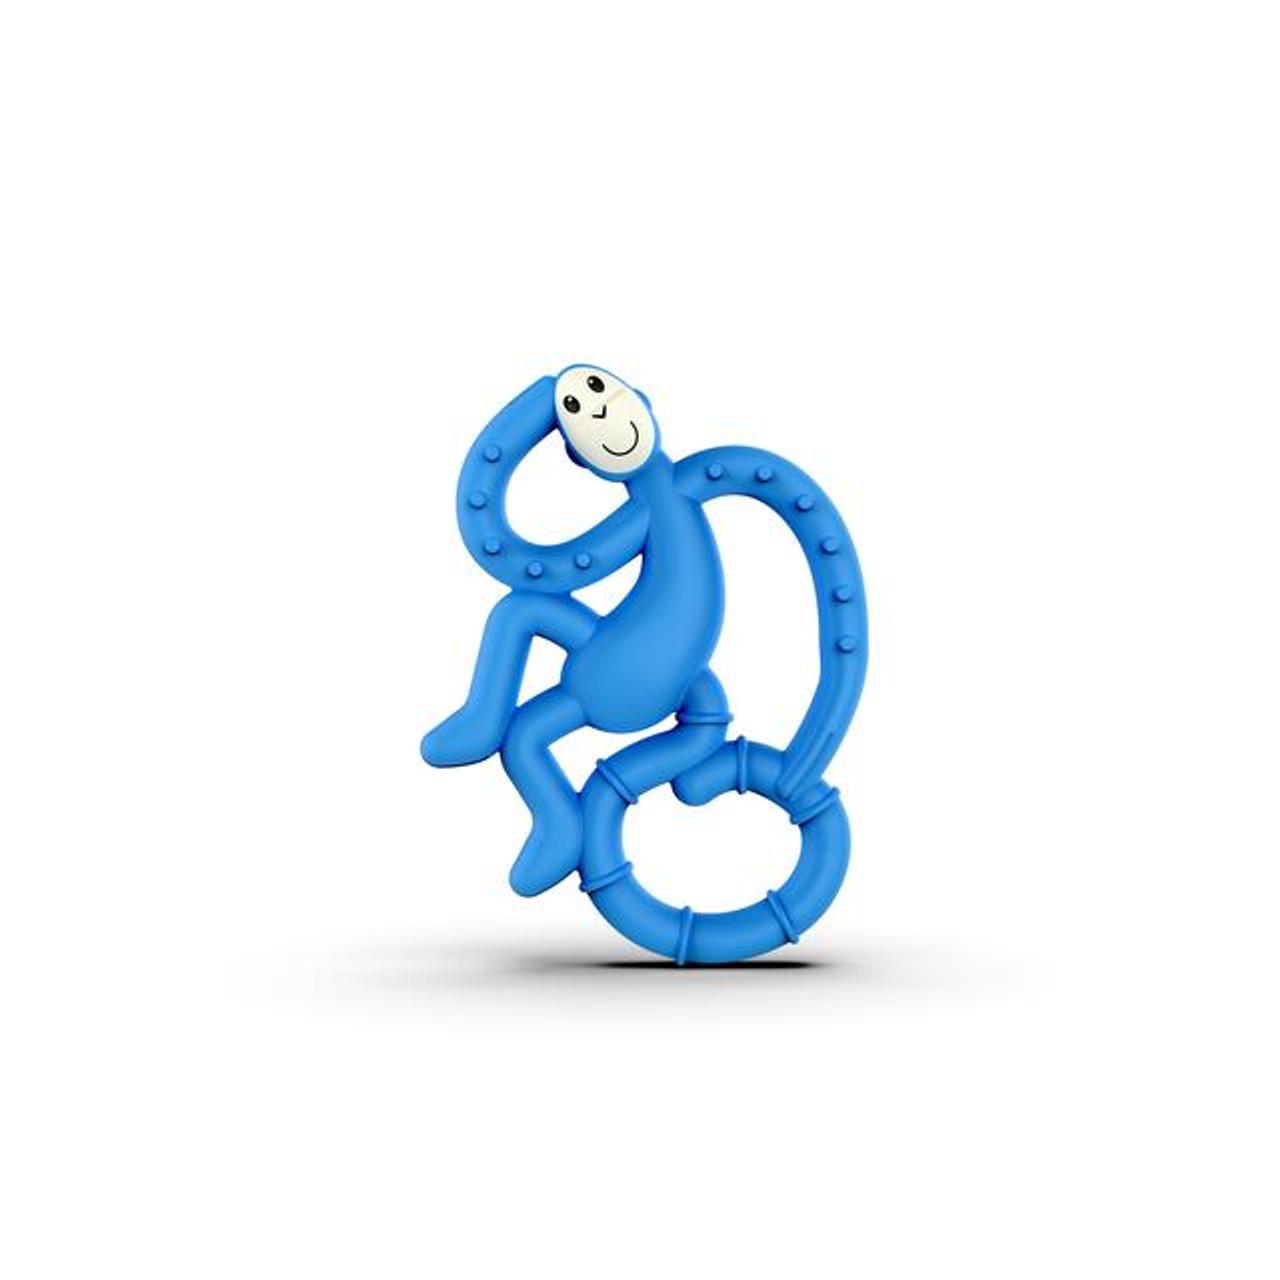 Matchstick Monkey Dancing Teether - BLUE